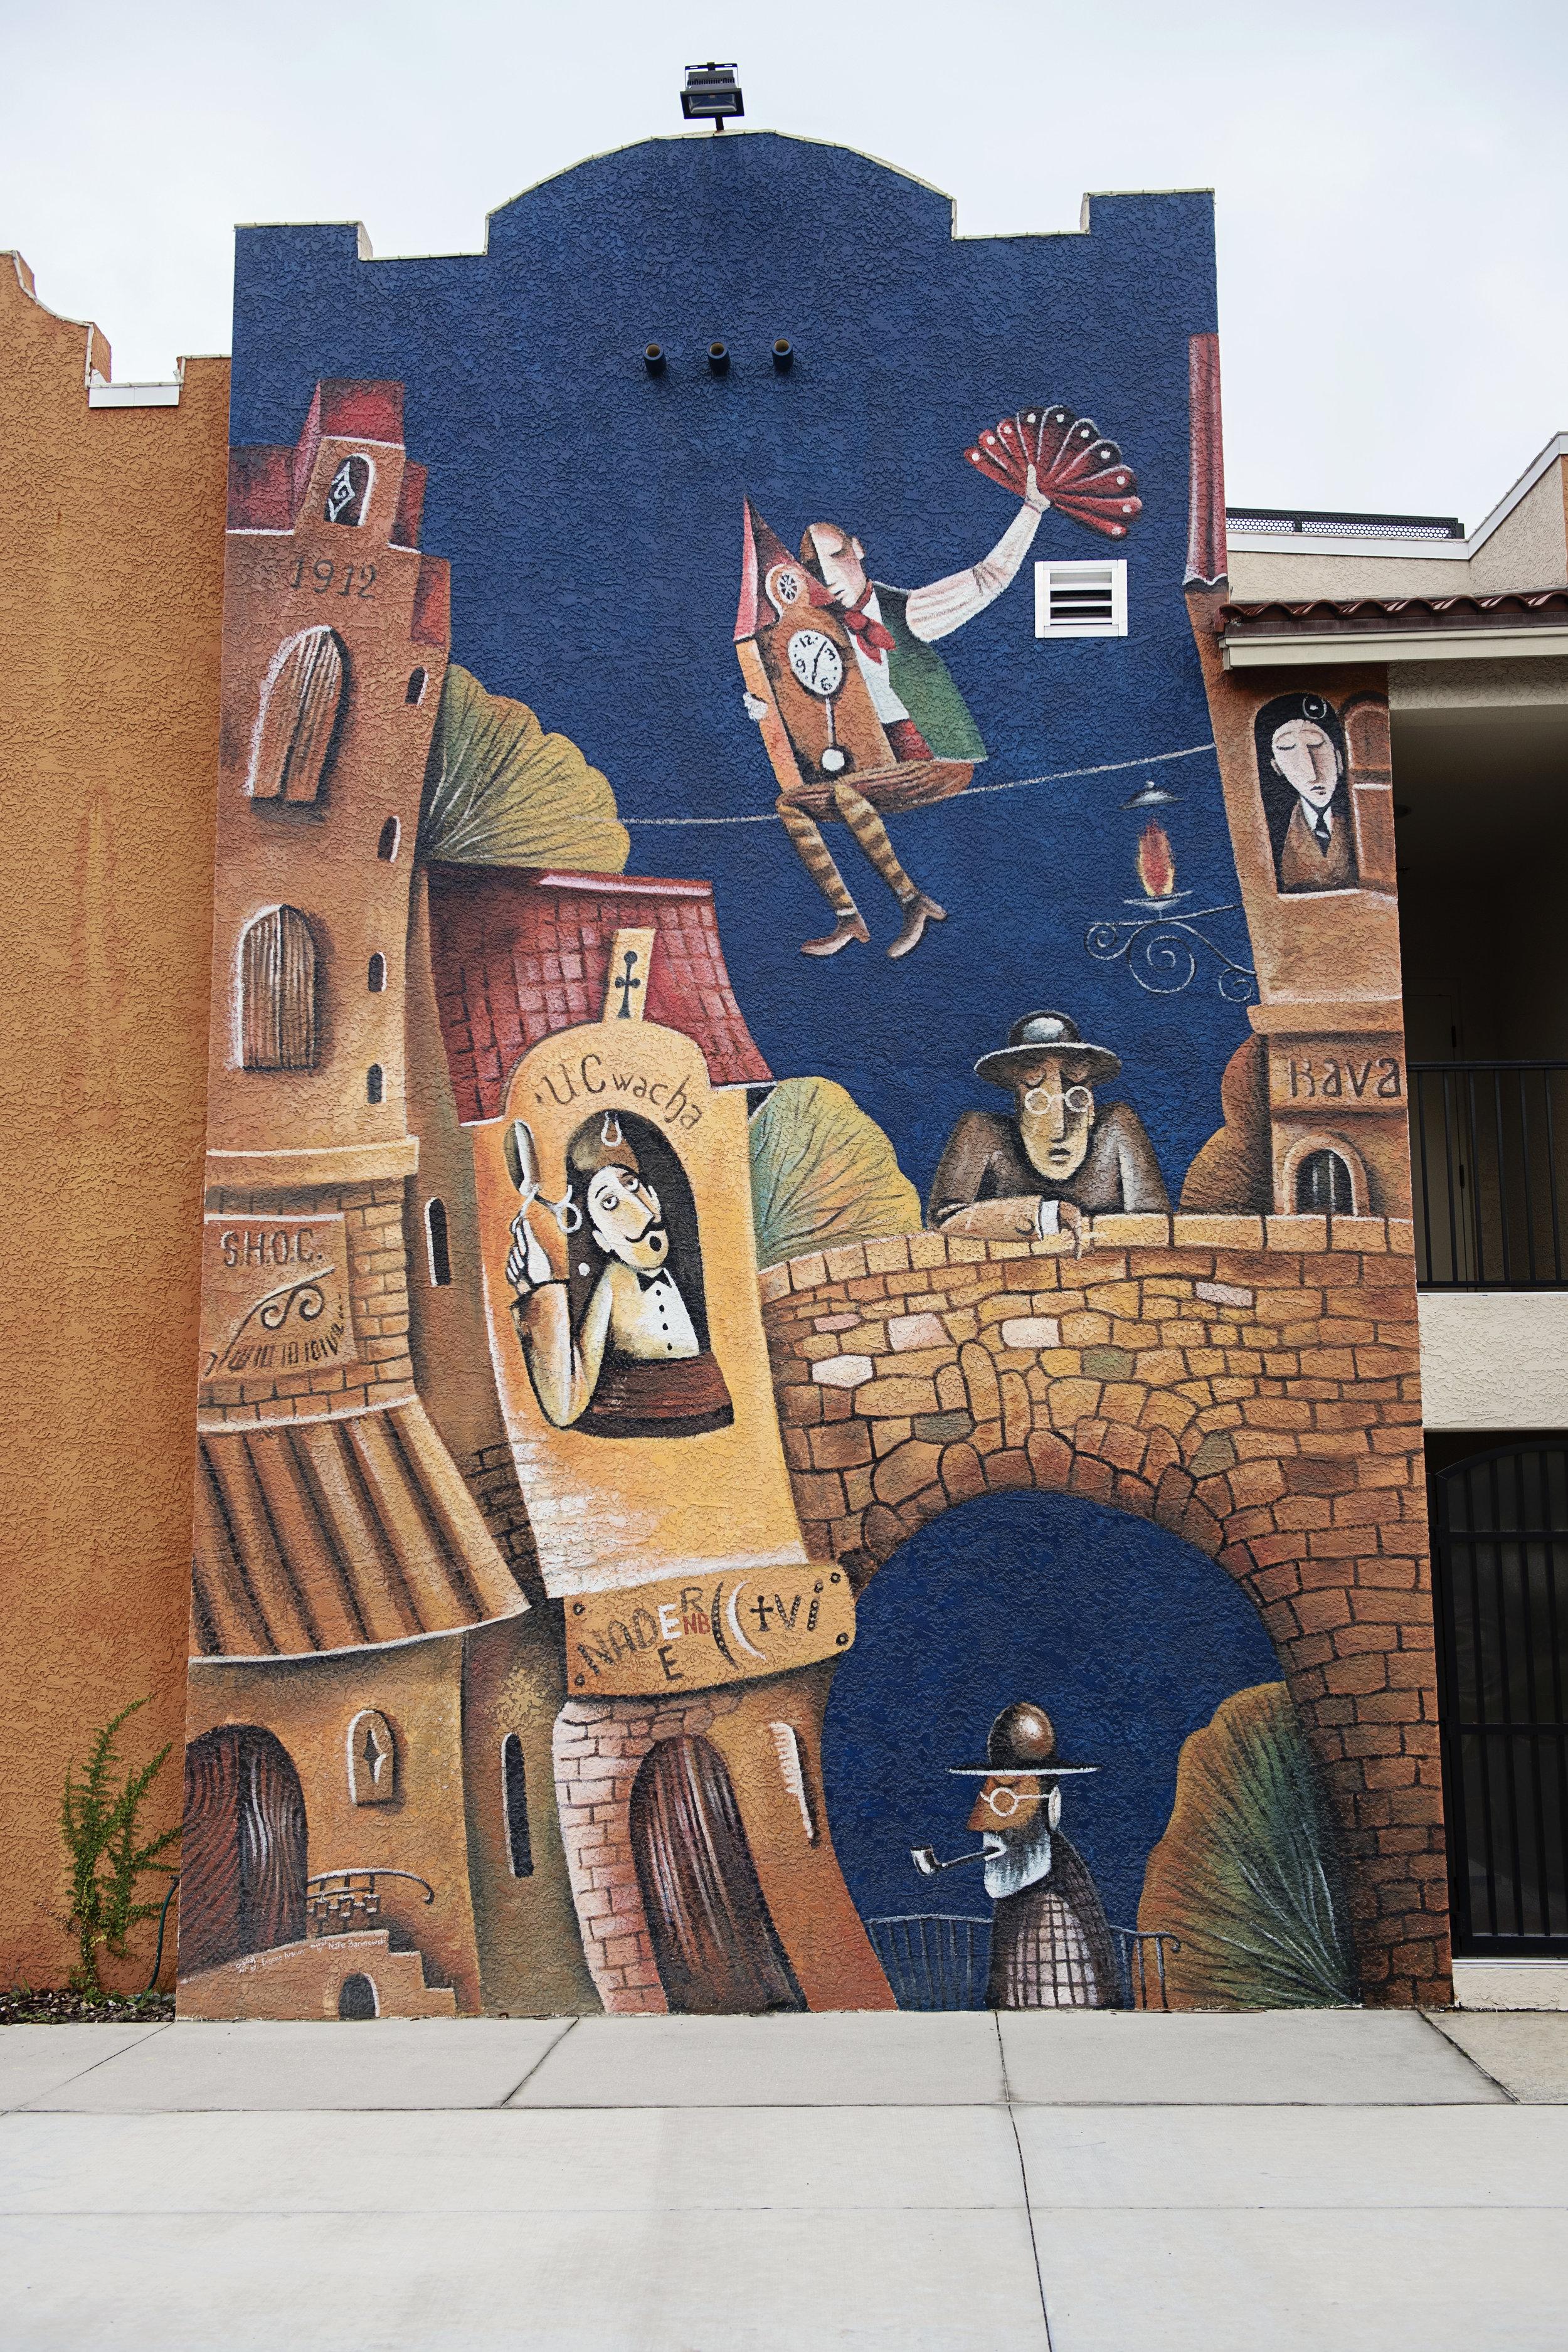 Florida Studio Theatre mural by Nate Baranowski